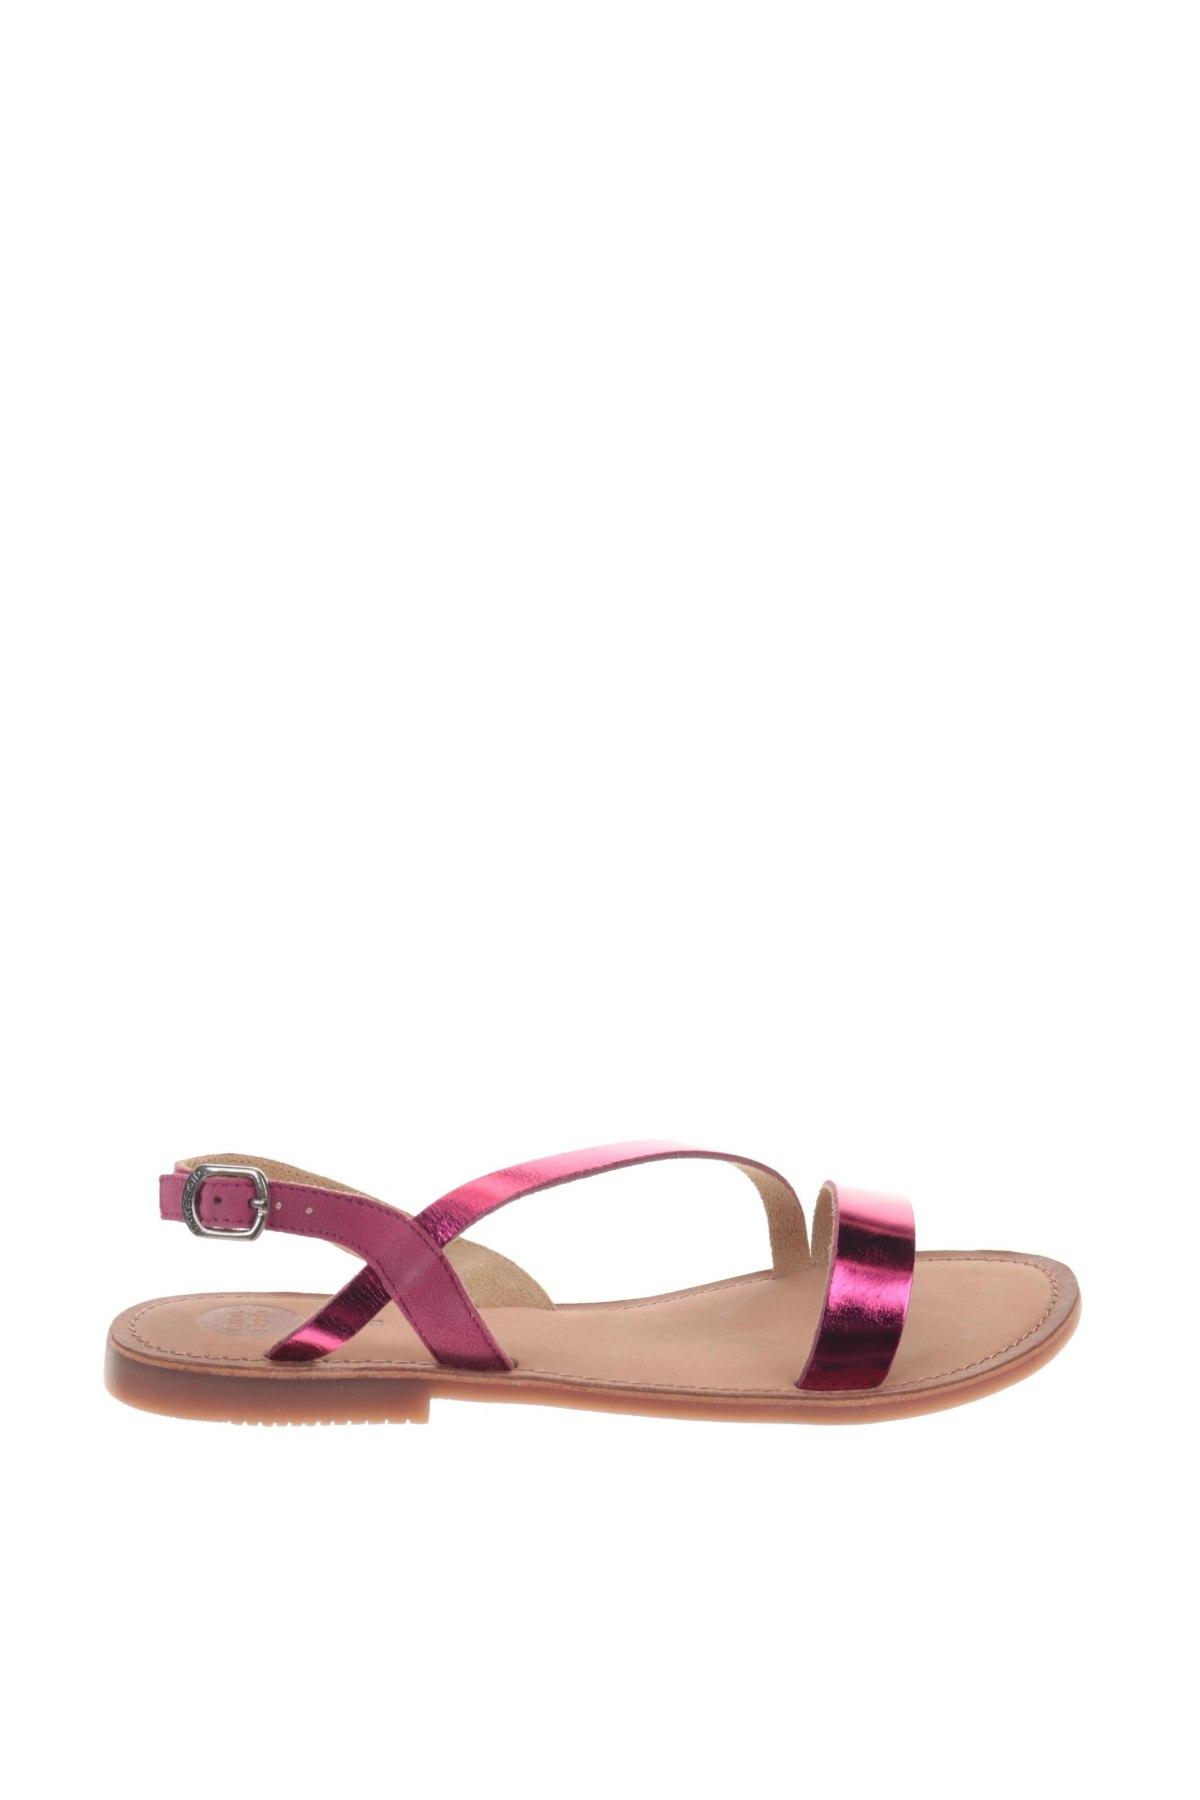 Σανδάλια Gioseppo, Μέγεθος 38, Χρώμα Ρόζ , Γνήσιο δέρμα, Τιμή 24,32€